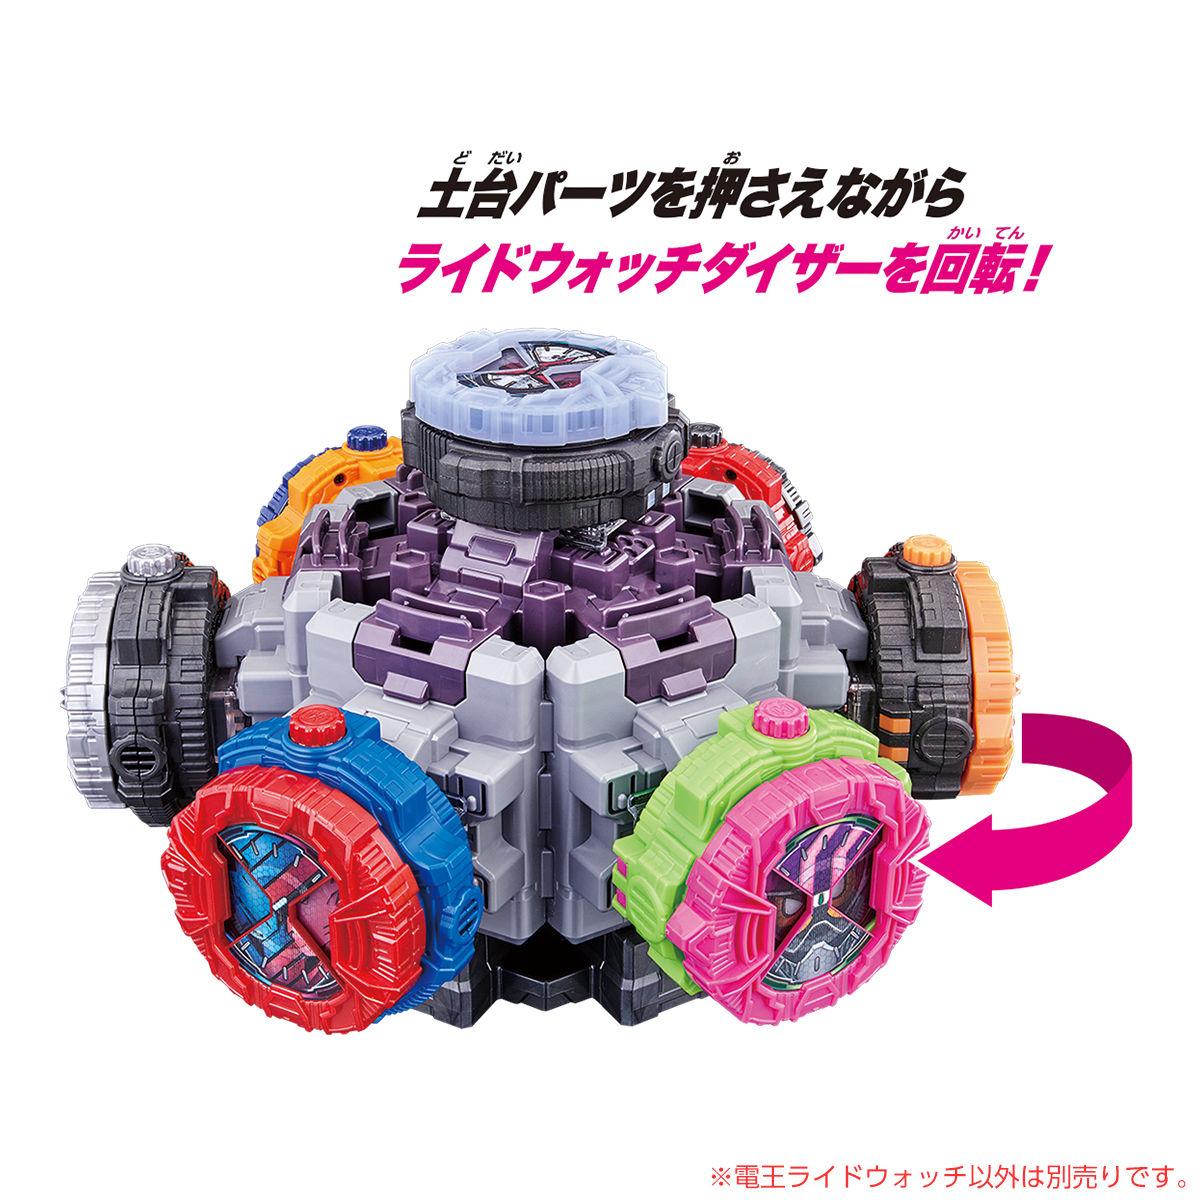 仮面ライダージオウ『DXライドウォッチダイザー&電王ライドウォッチ』変身なりきり-004